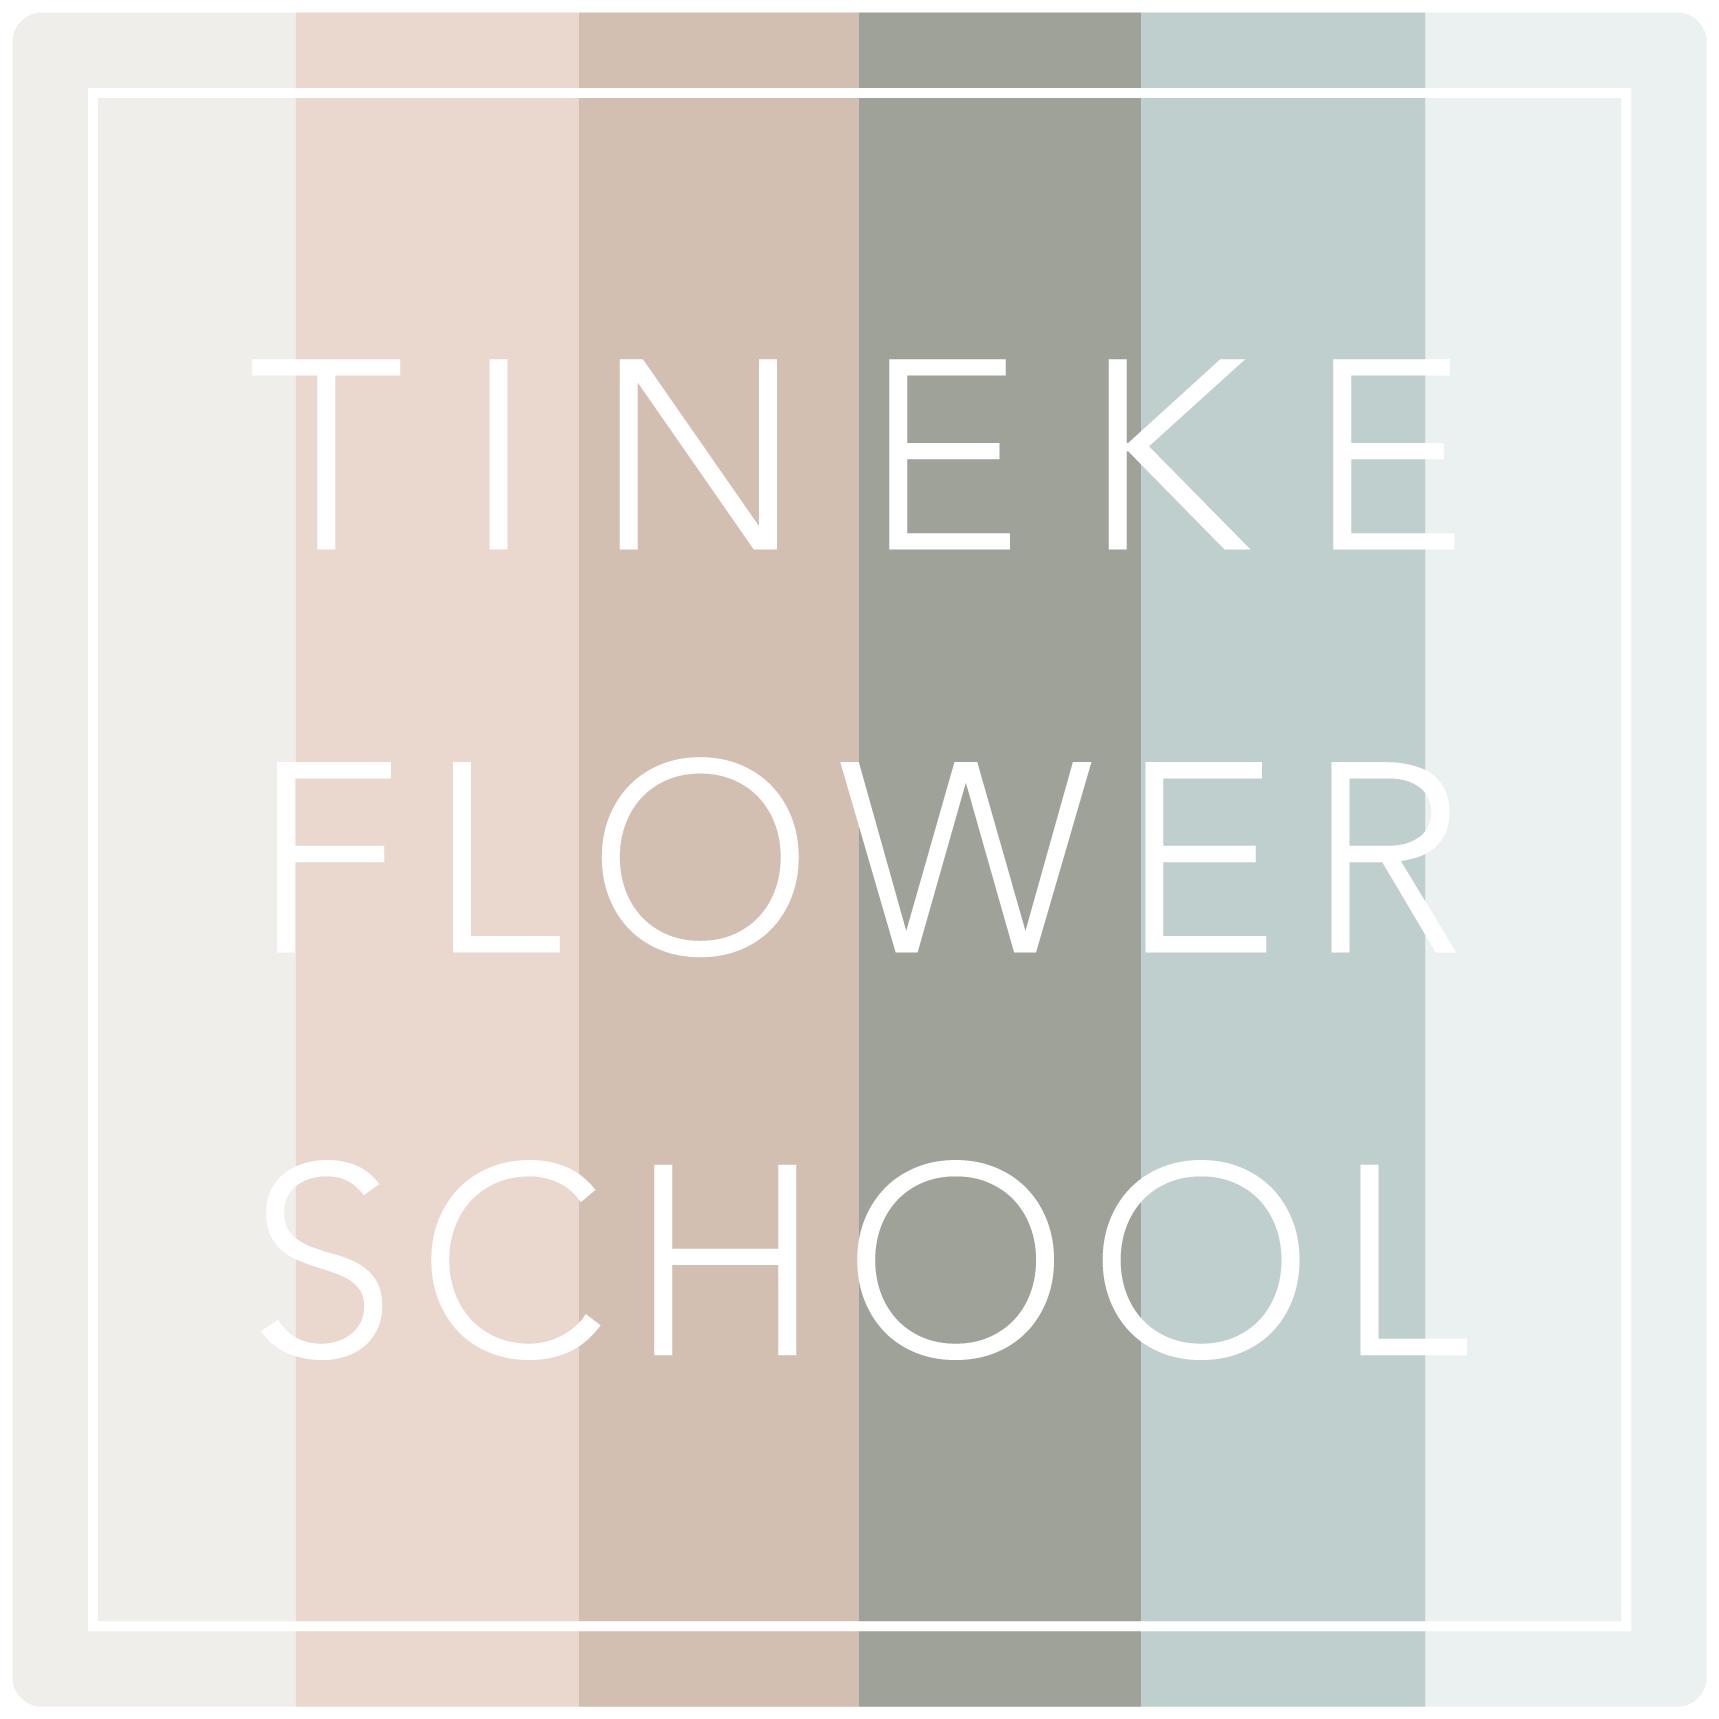 Tineke Flower School Logo_2.png